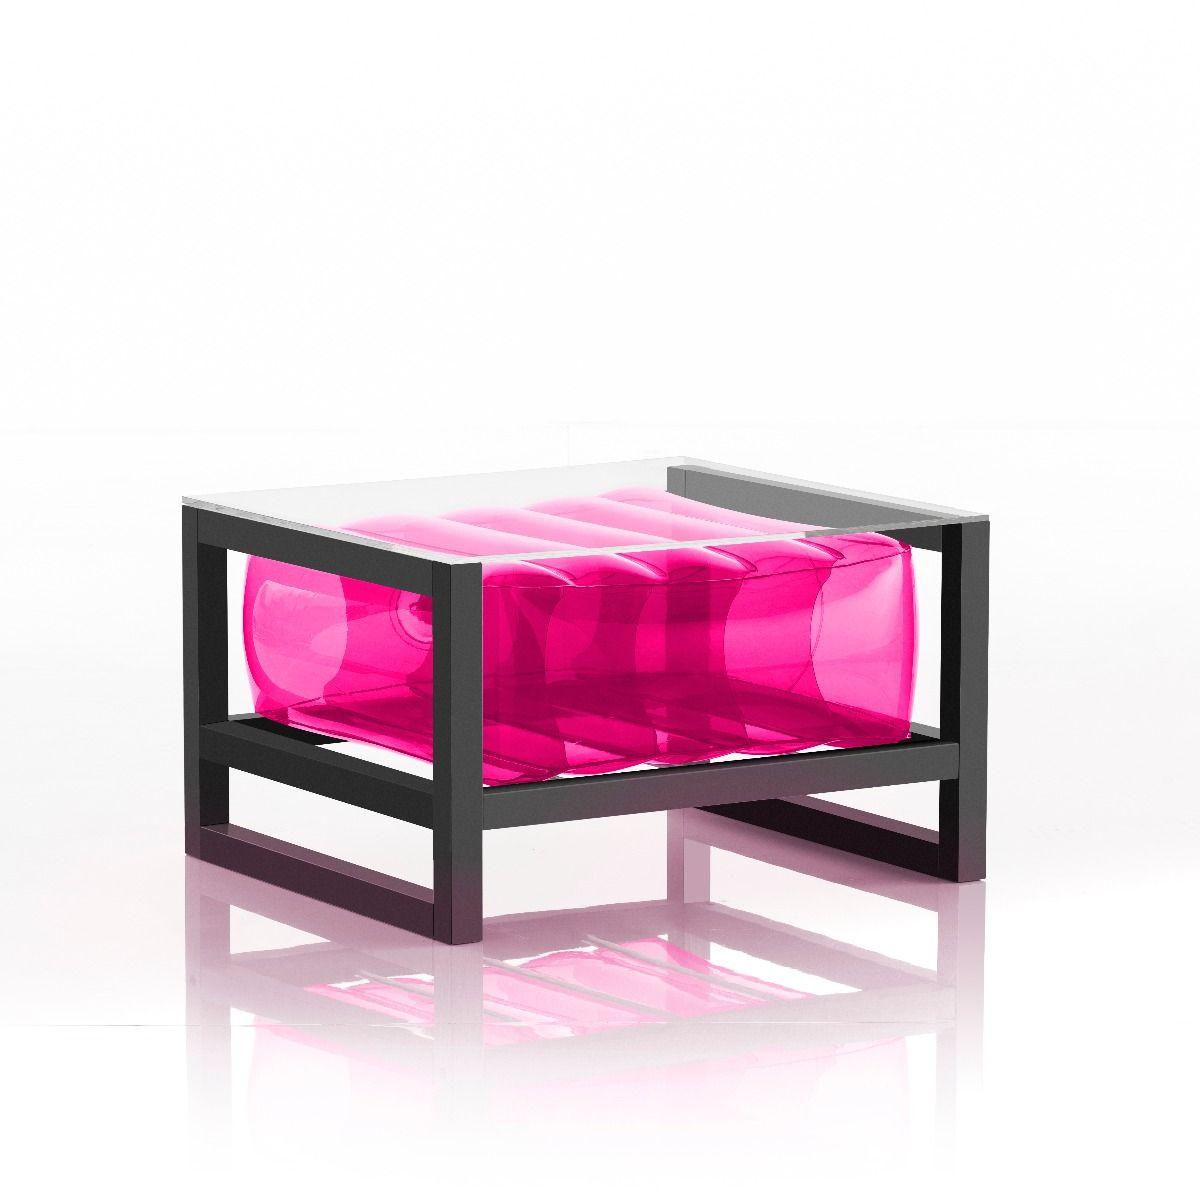 Table basse tpu rose cadre en aluminium